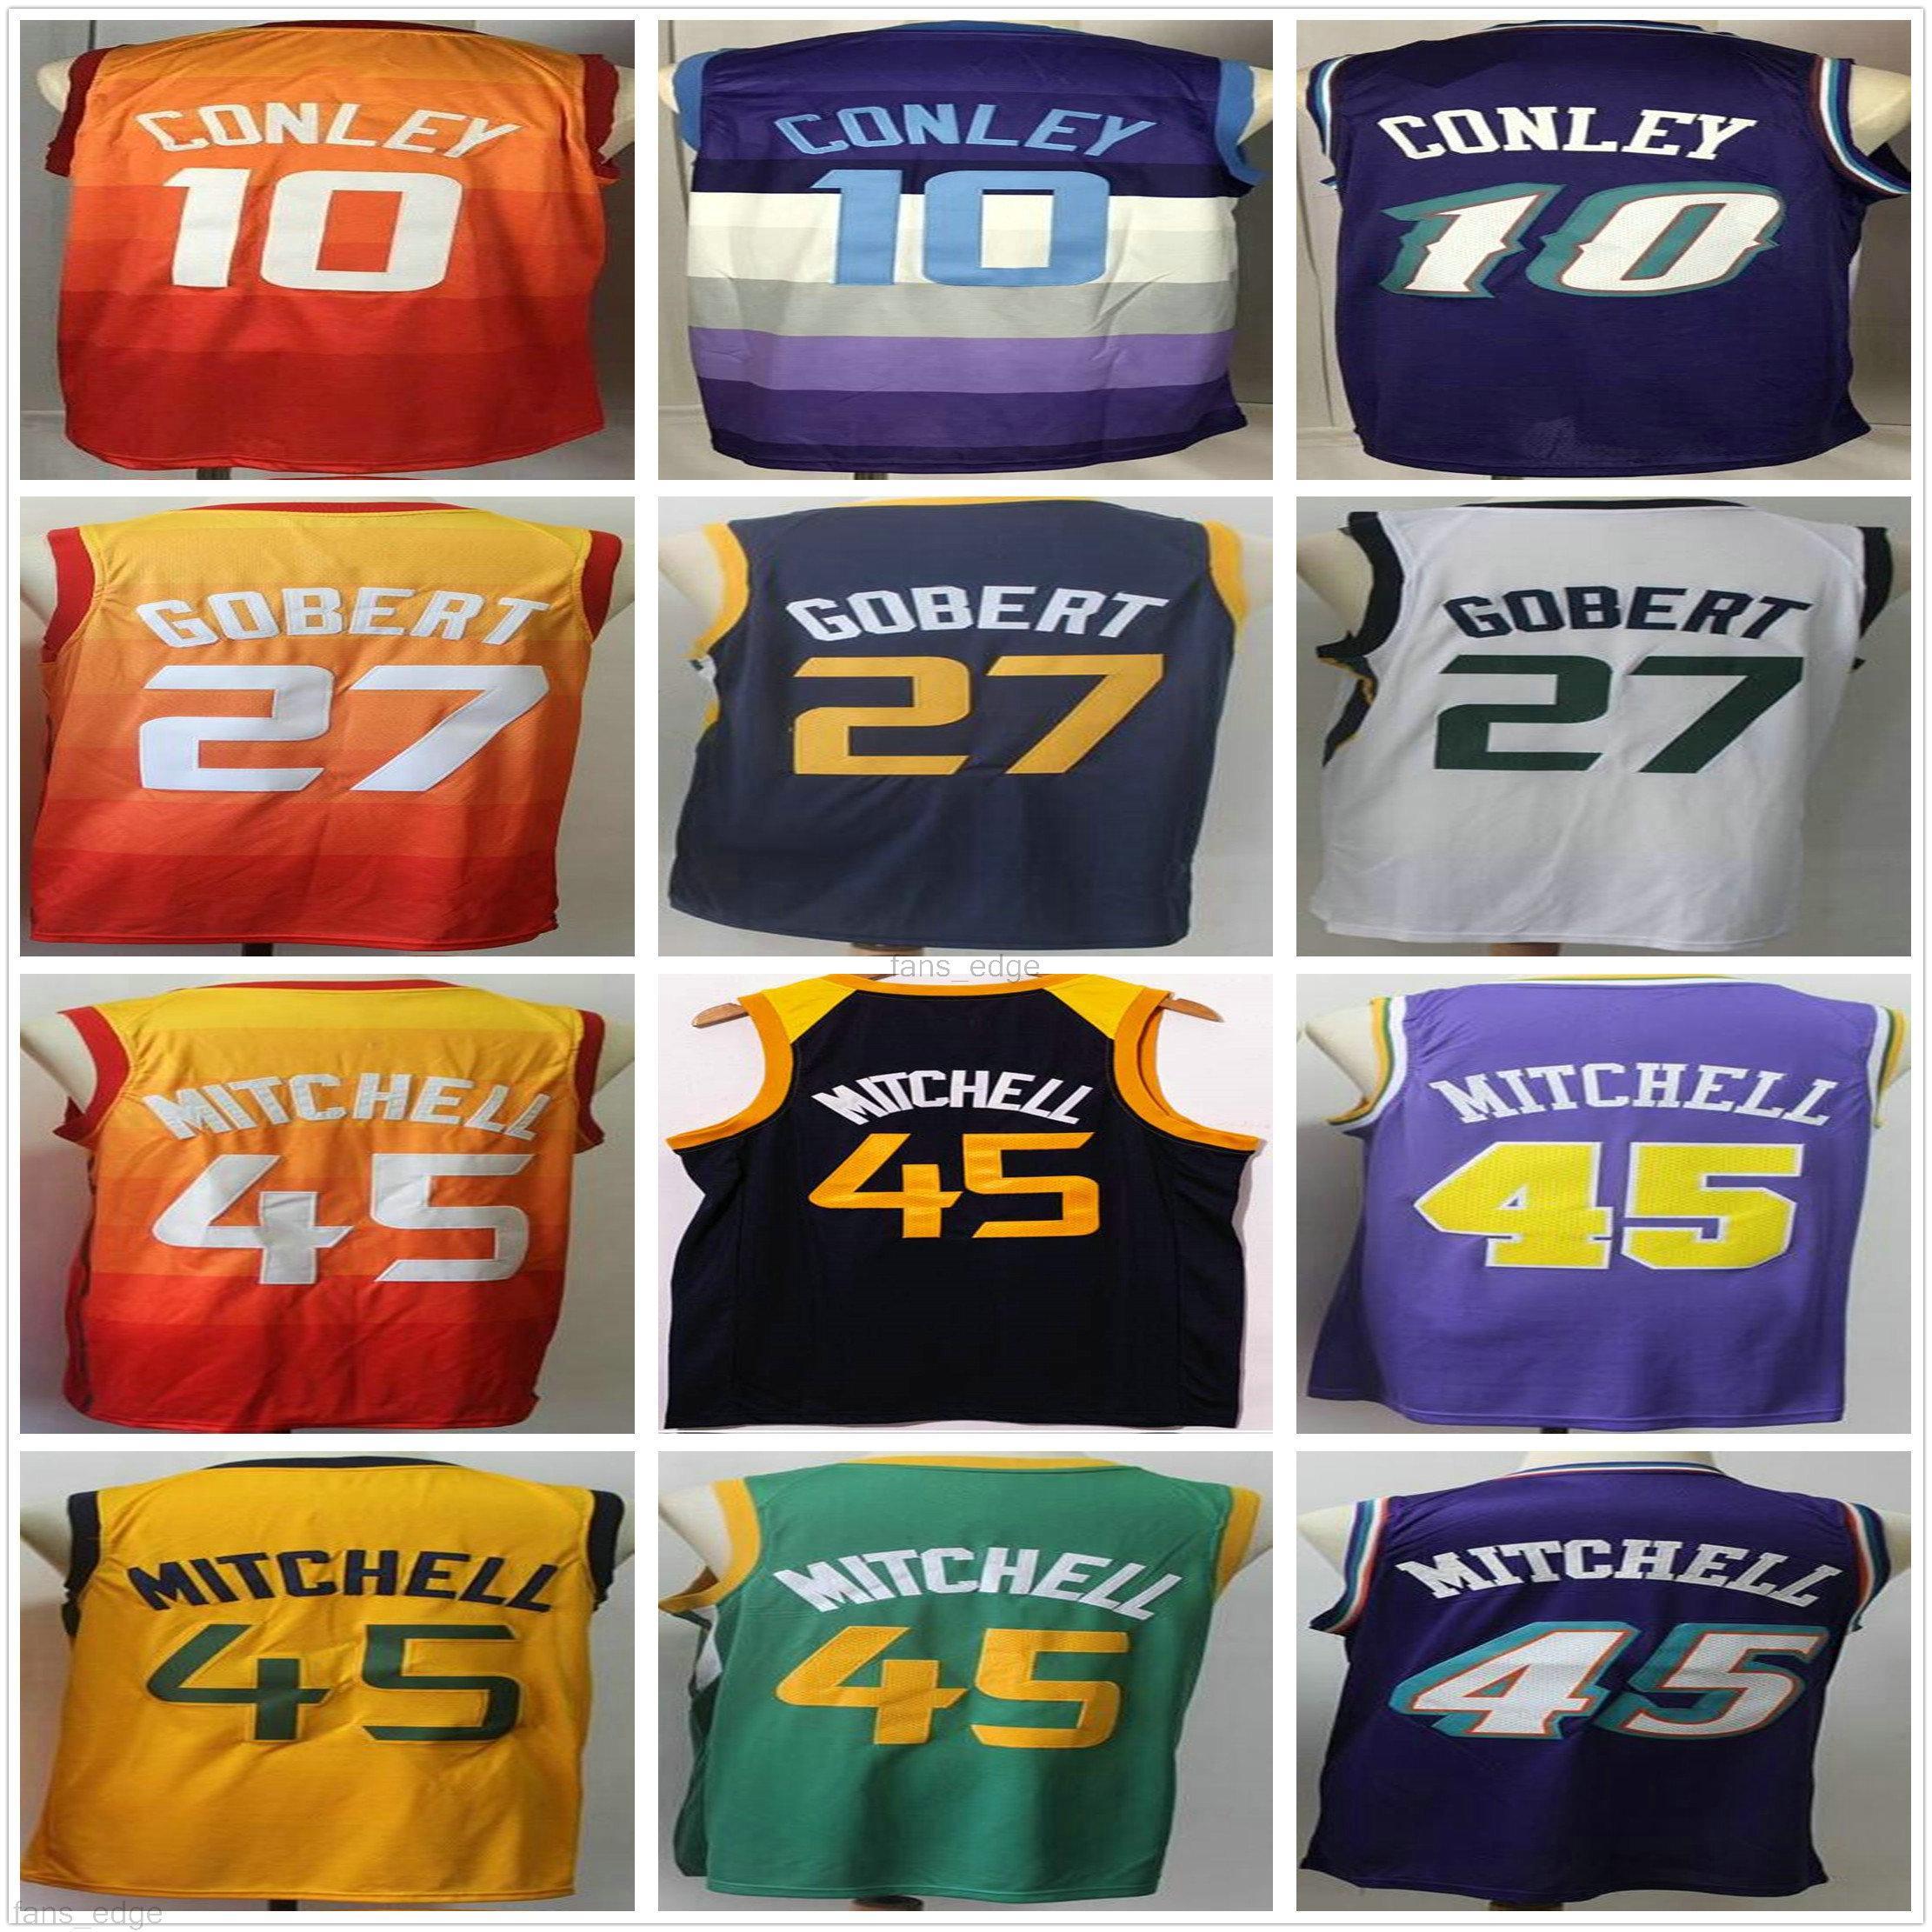 NCAA كلية دونوفان 45 ميتشل يوتا جيرسي بالجملة رودي 27 جوبت مايك 10 كوللي أزرق أبيض برتقالي الأرجواني رجل الجاز كرة السلة الفانيلة